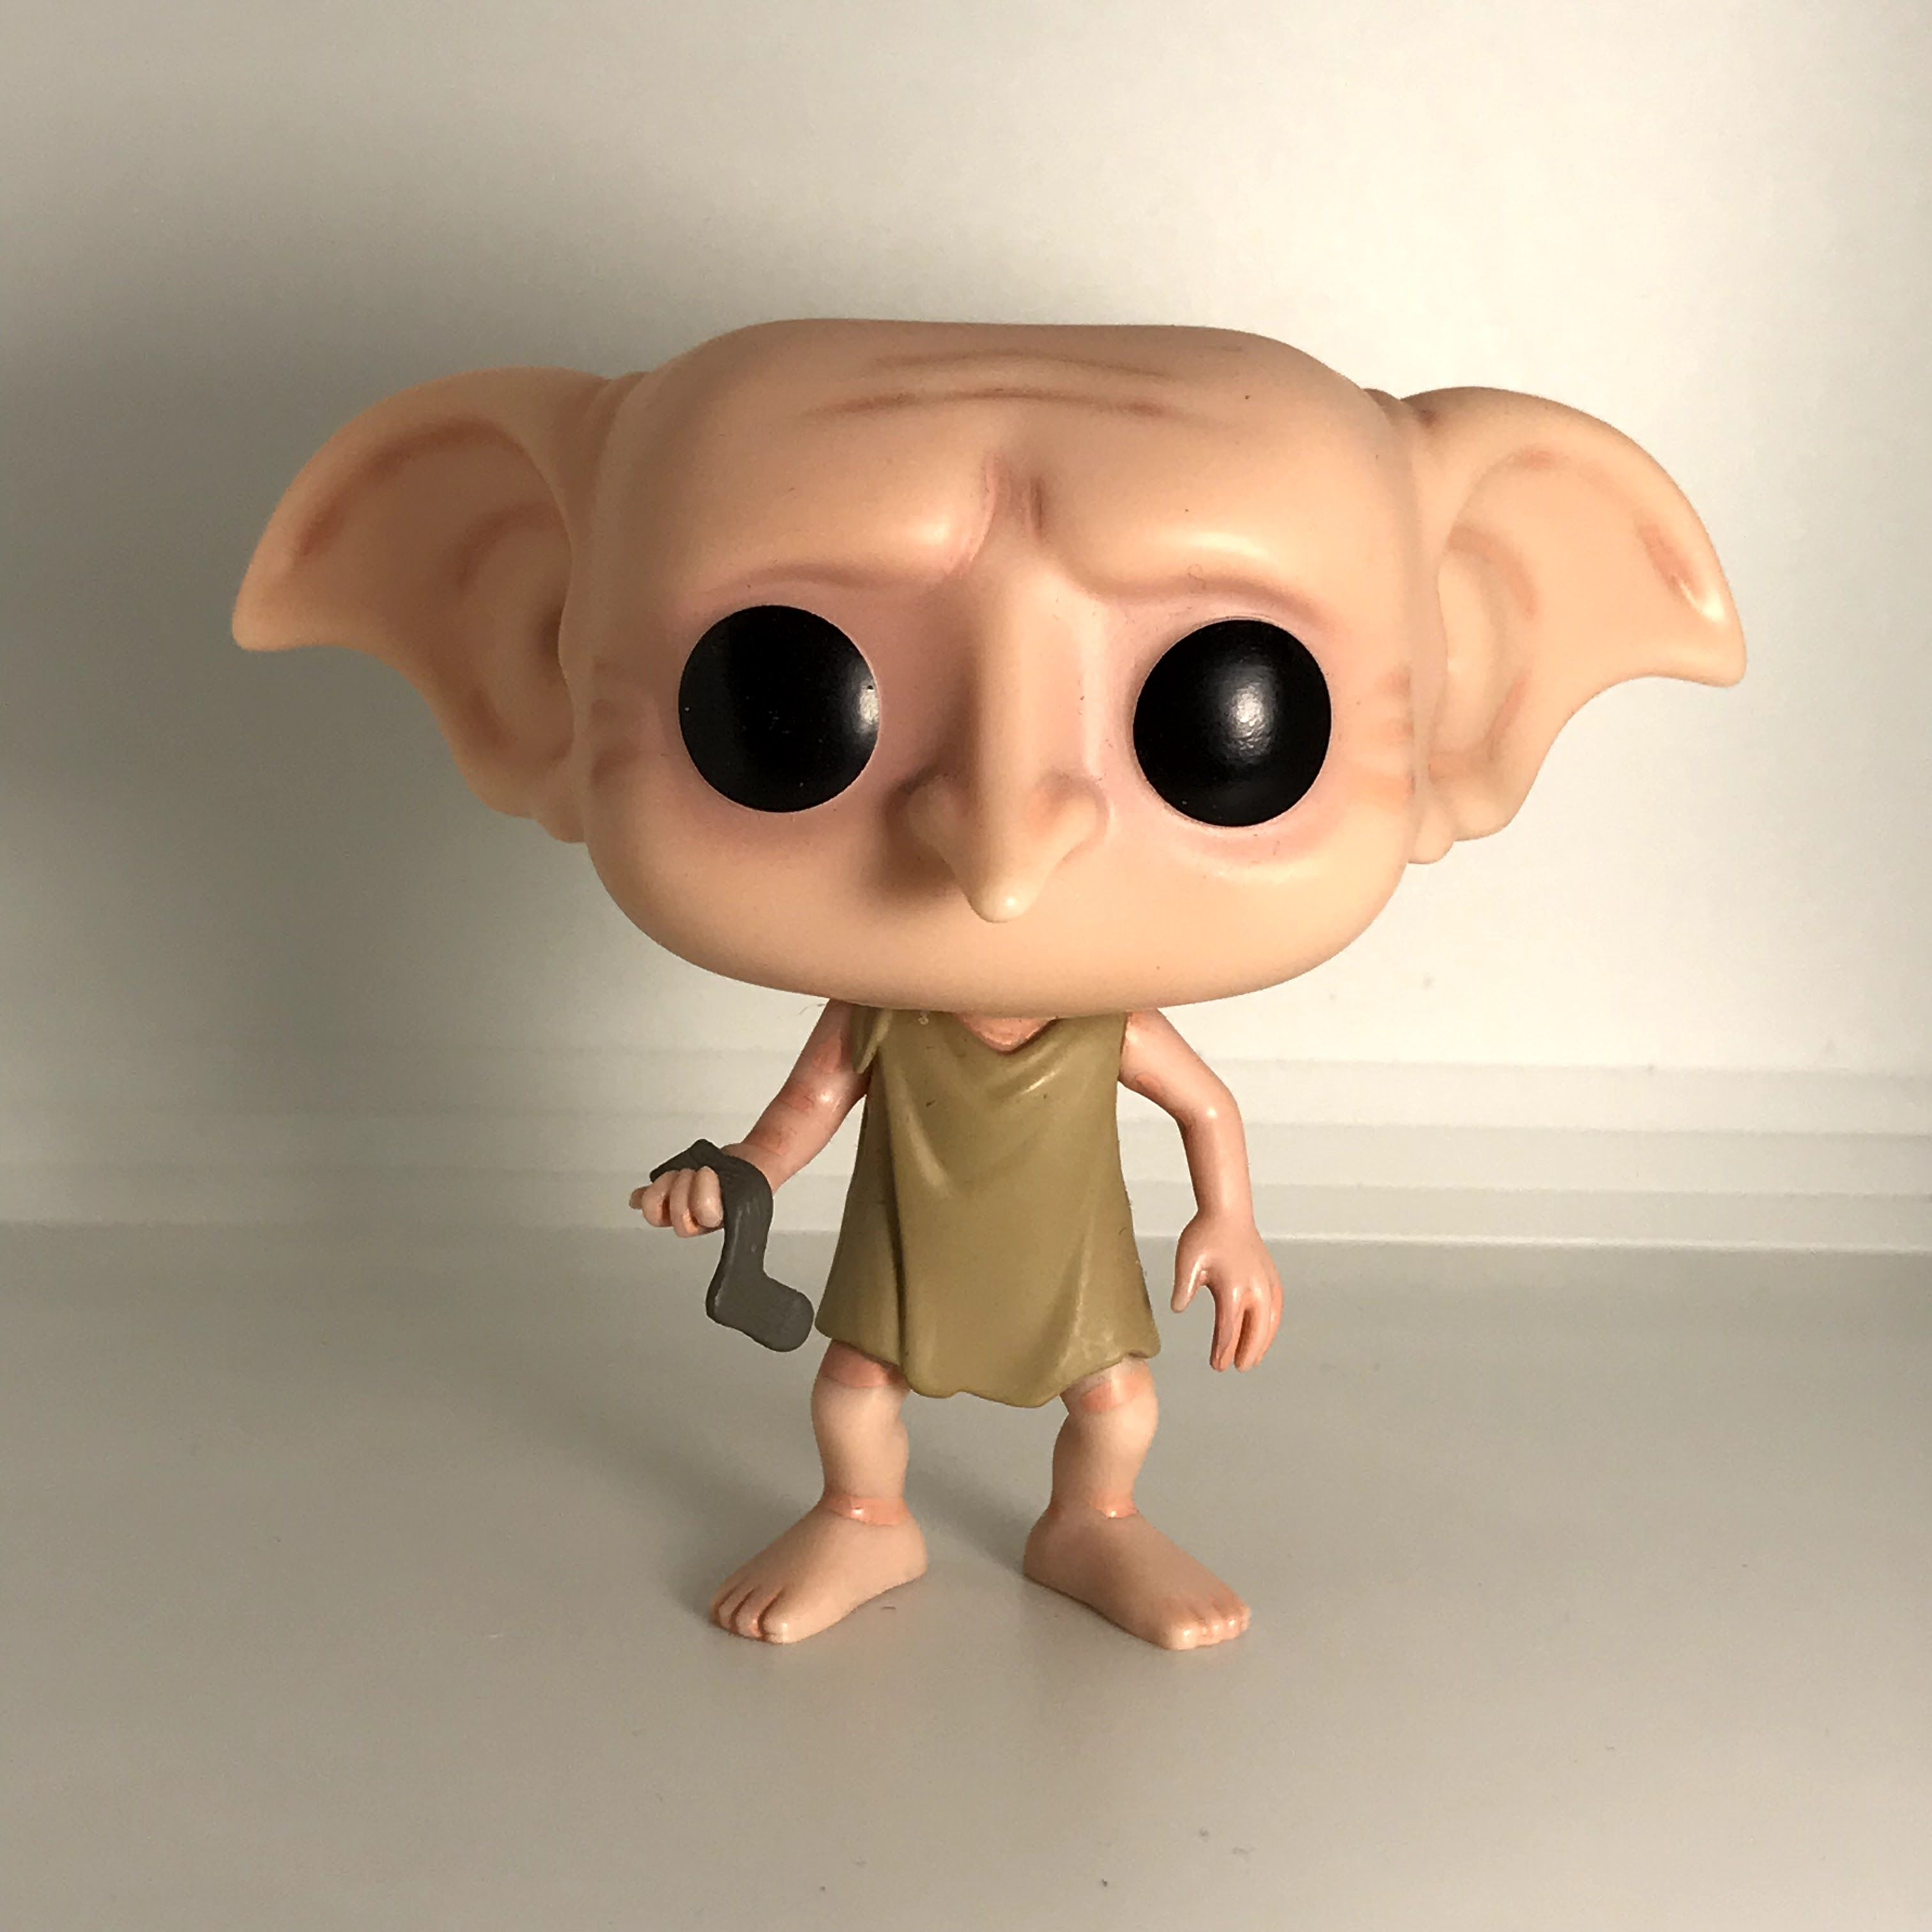 17 Dobby